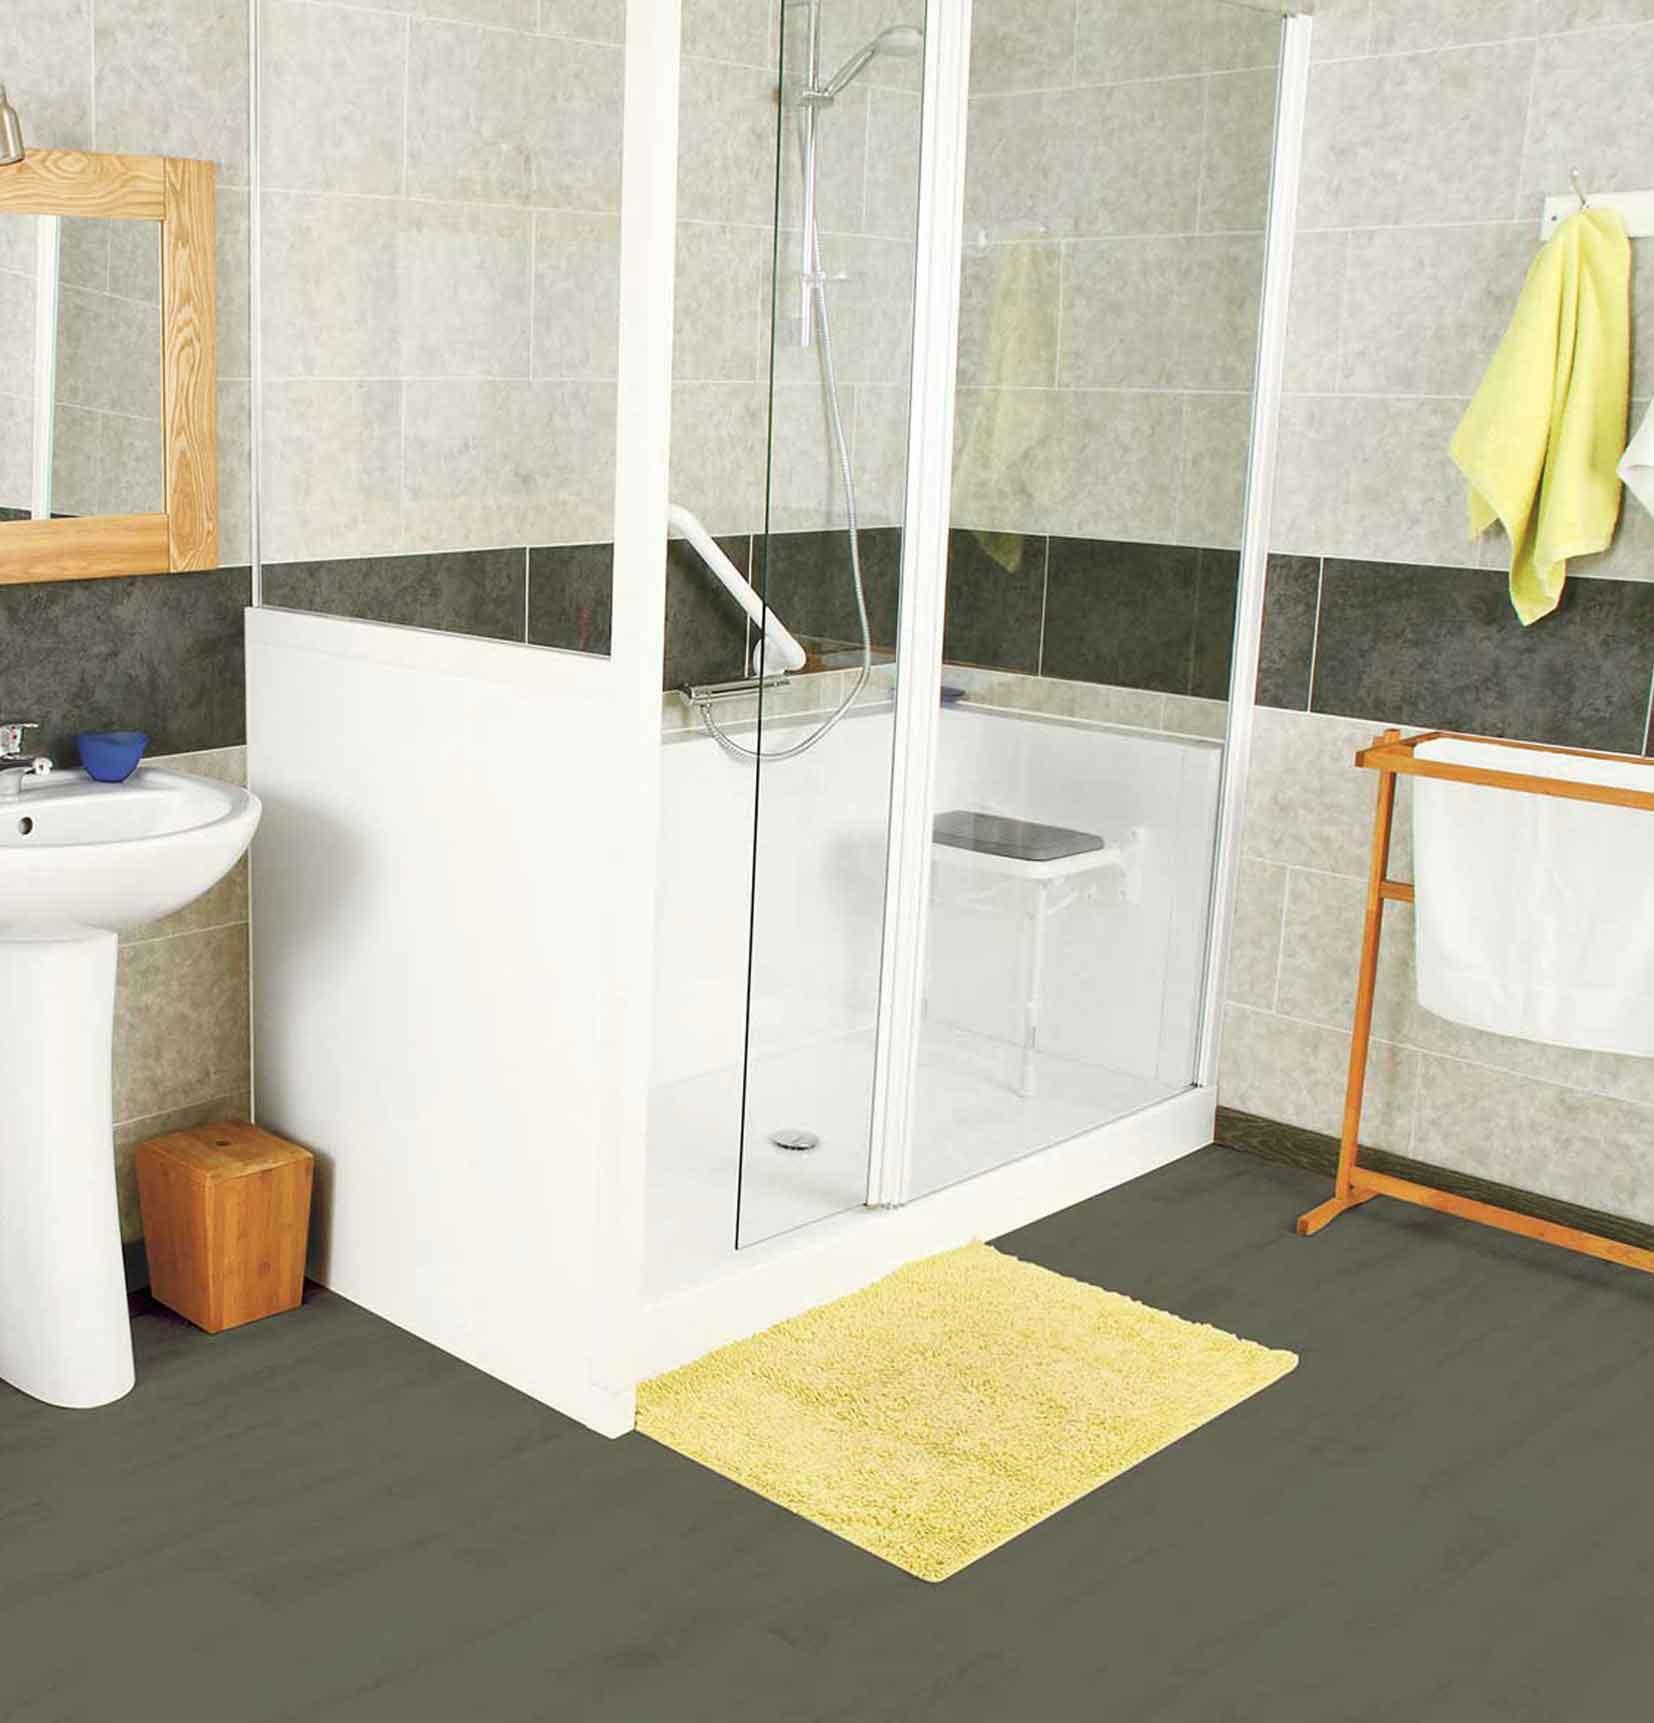 Douche senior, cabine de douche pour personne à mobilité réduite